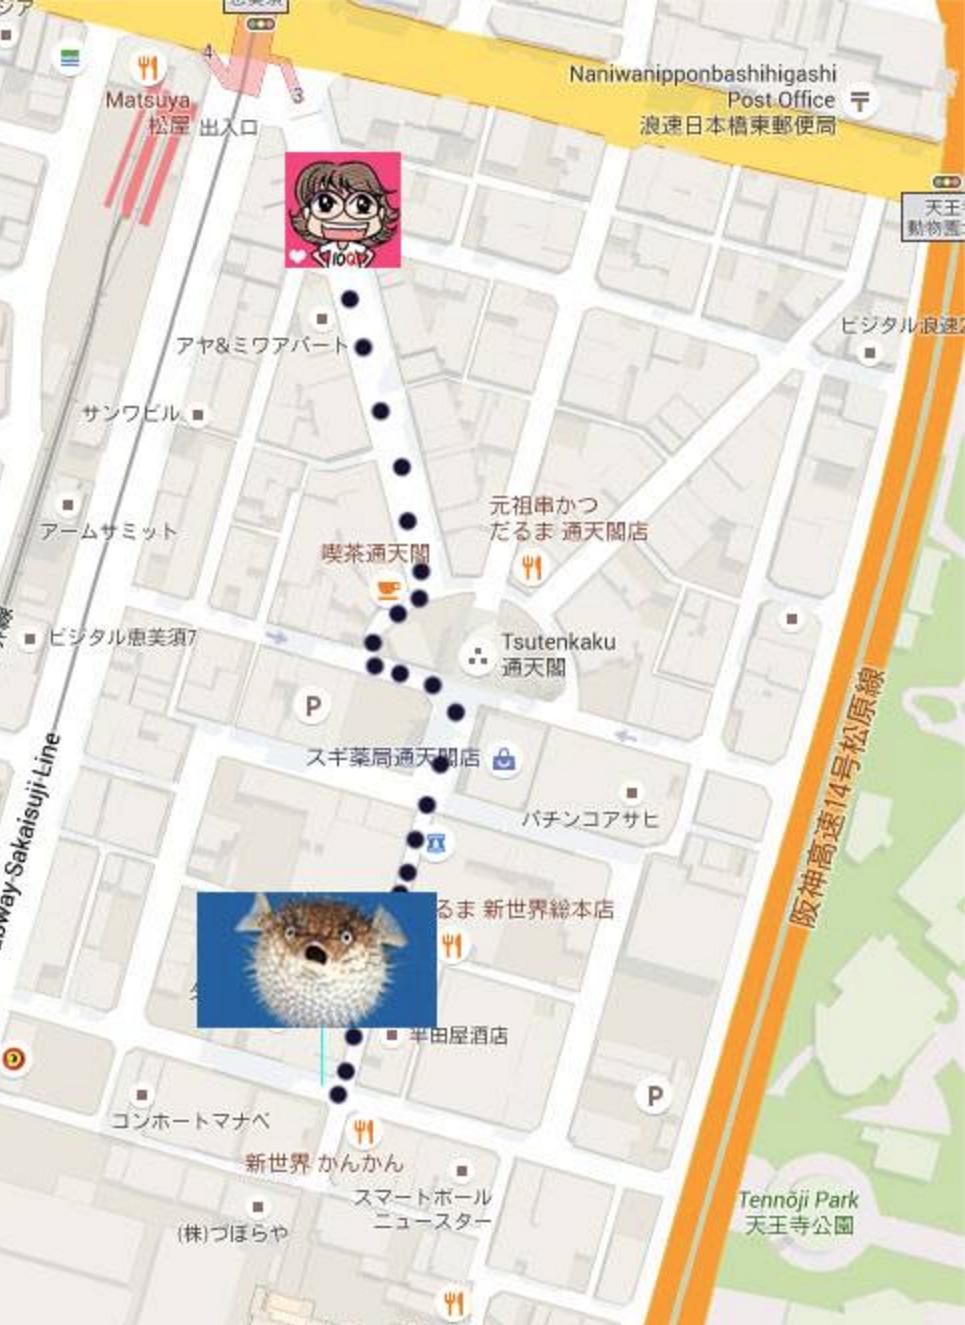 EVACOMICS BLOG Osaka trip Shinsekai